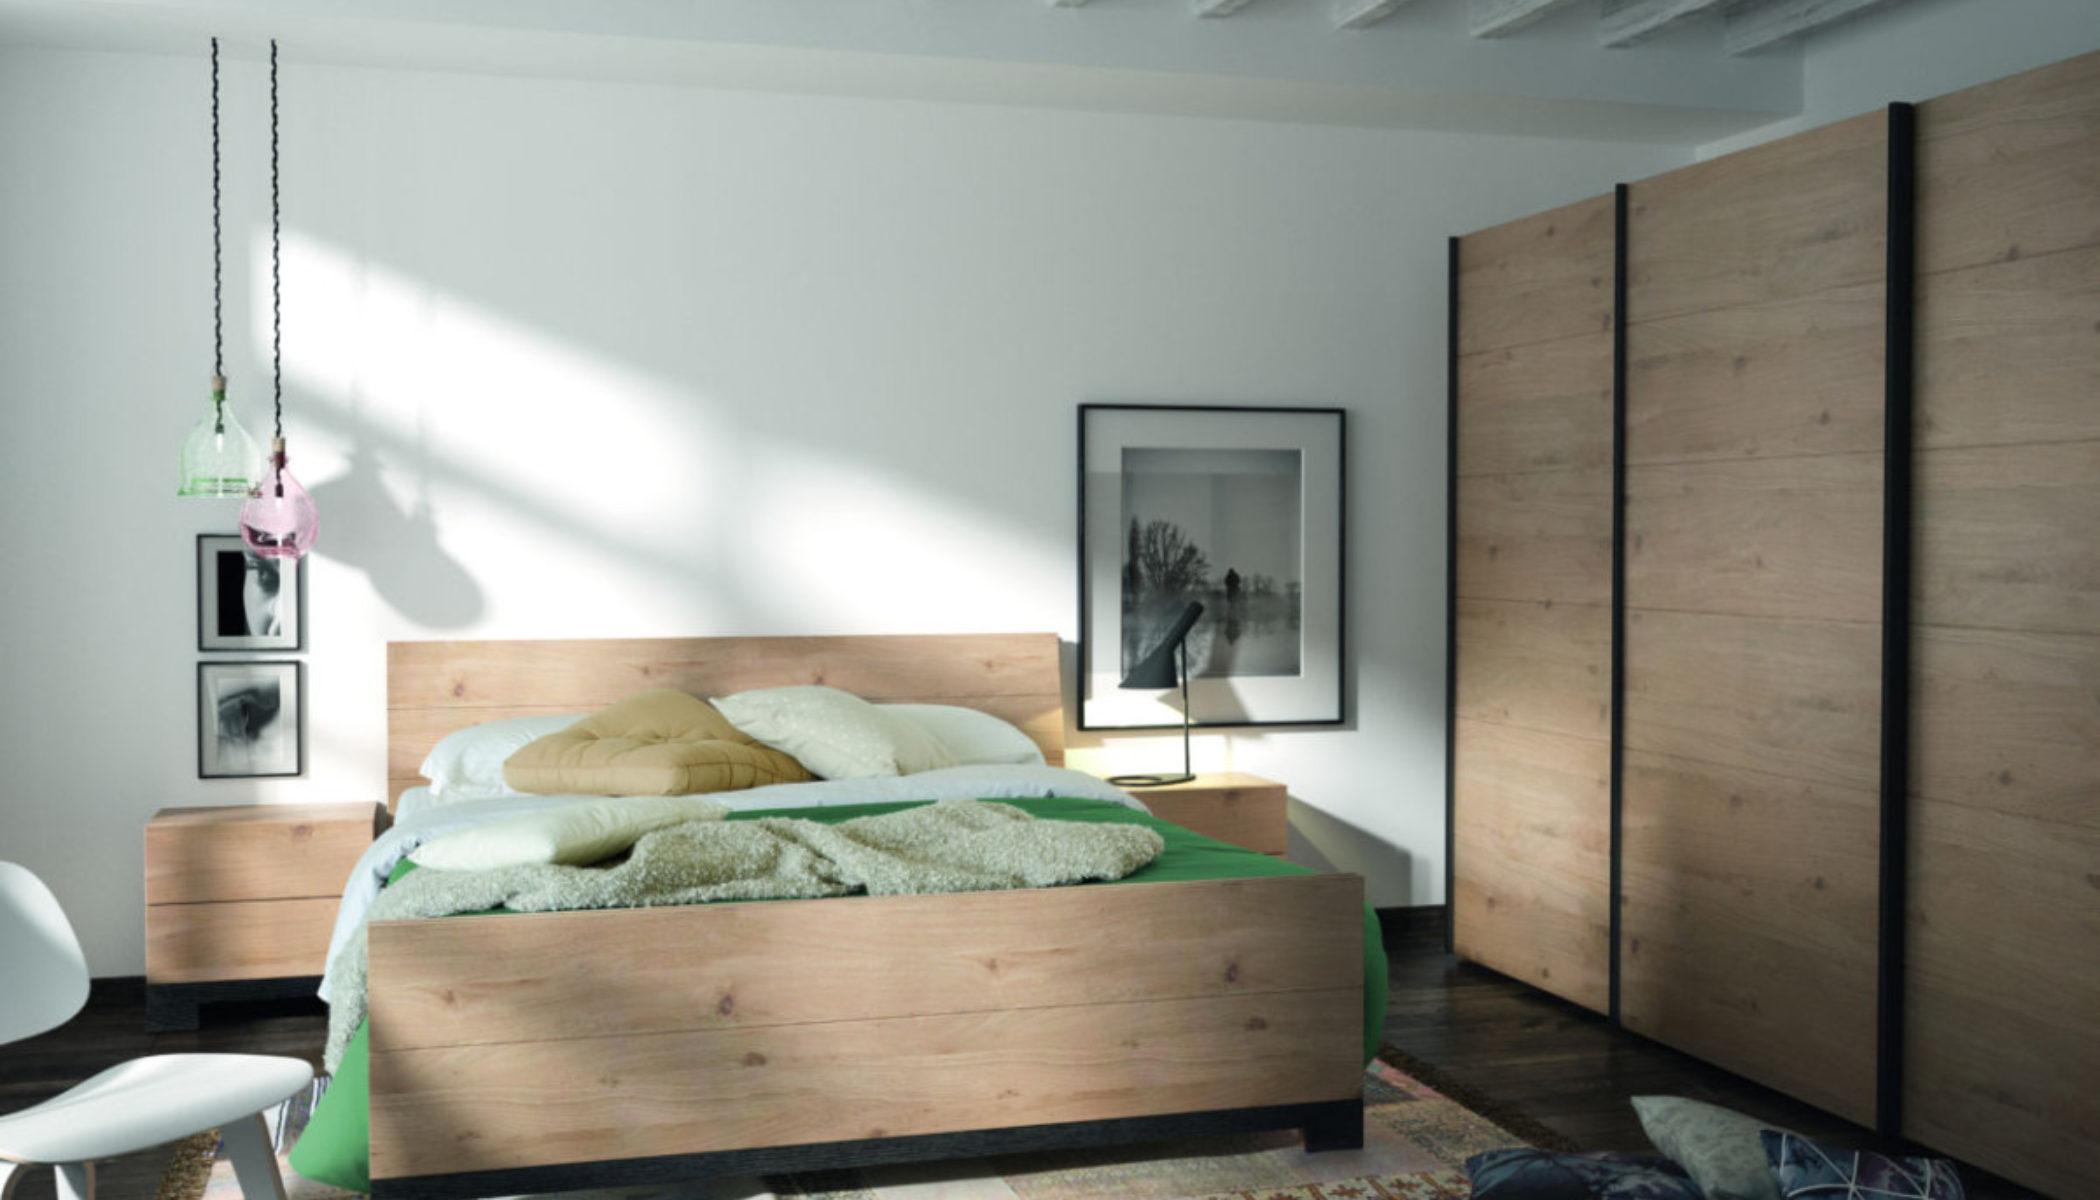 Chambres à coucher Archieven - Meubles Moens